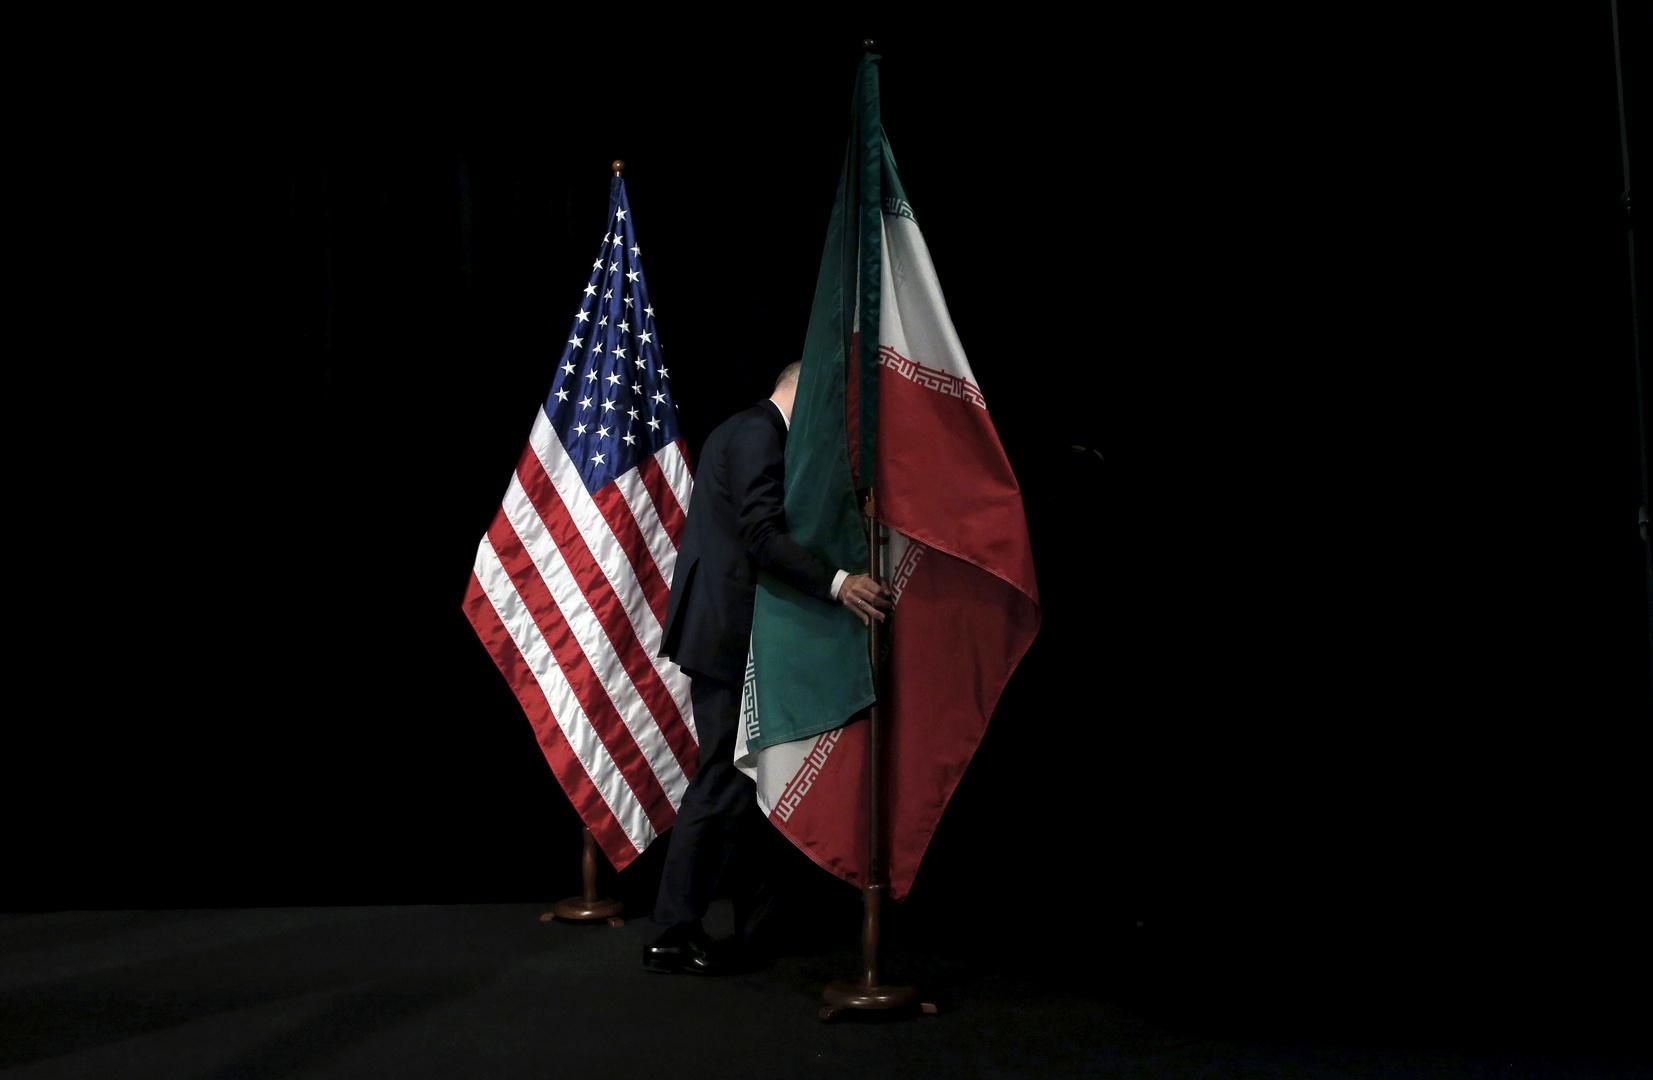 وسائل إعلام: إدارة بايدن تدرس رفع عقوبات ترامب الأكثر قسوة عن إيران